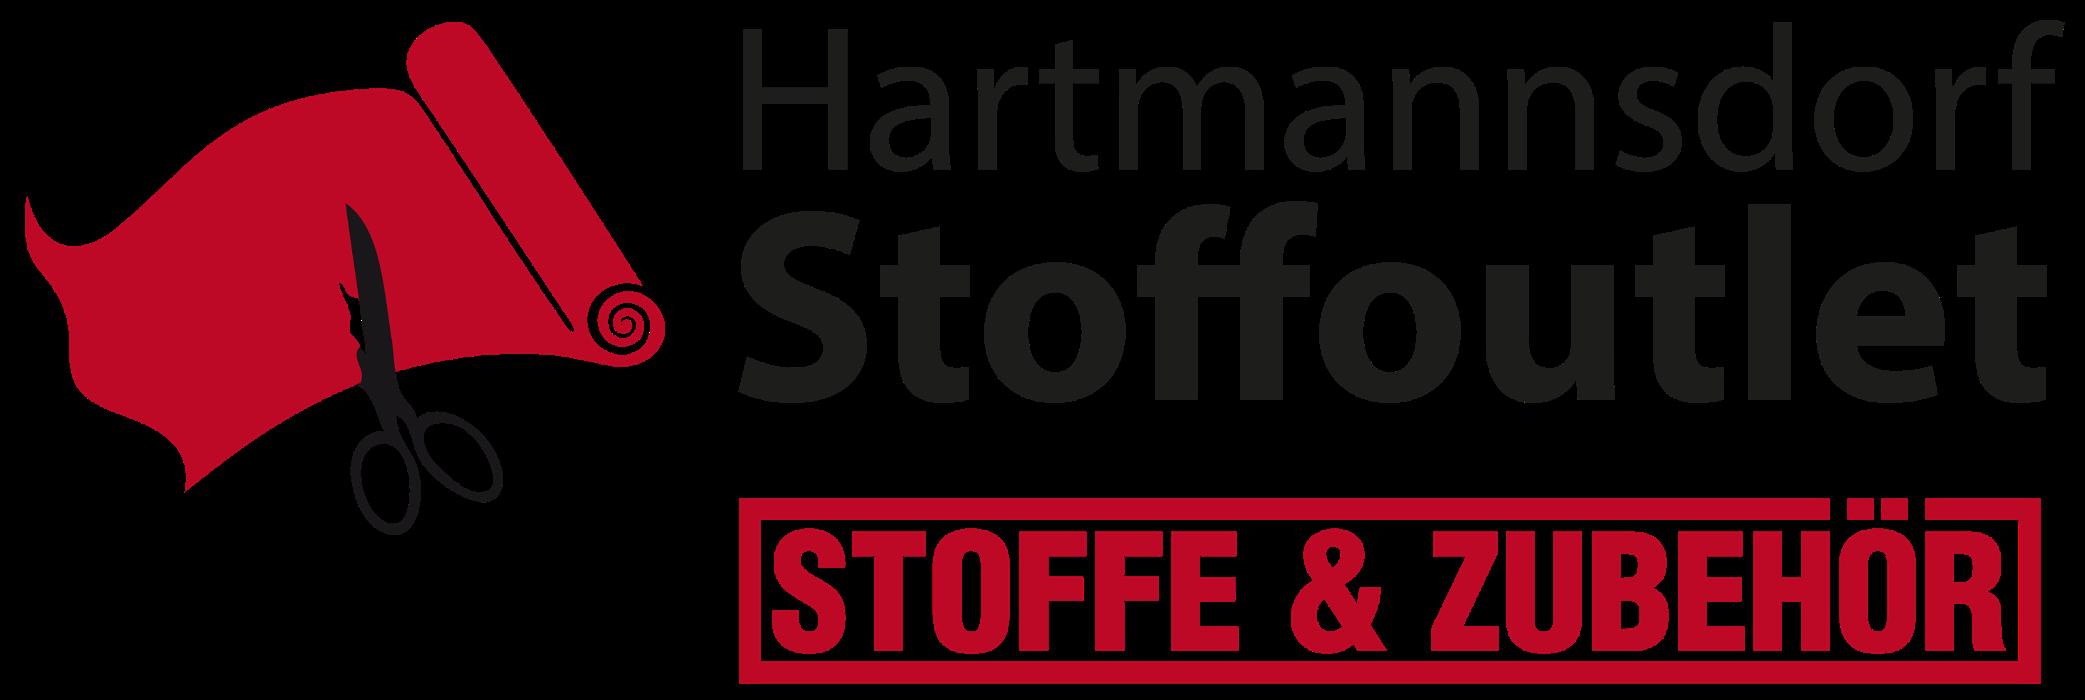 Bild zu Stoffoutlet Hartmannsdorf - Stoffe für für Bekleidung und Heimdeko in Hartmannsdorf bei Chemnitz